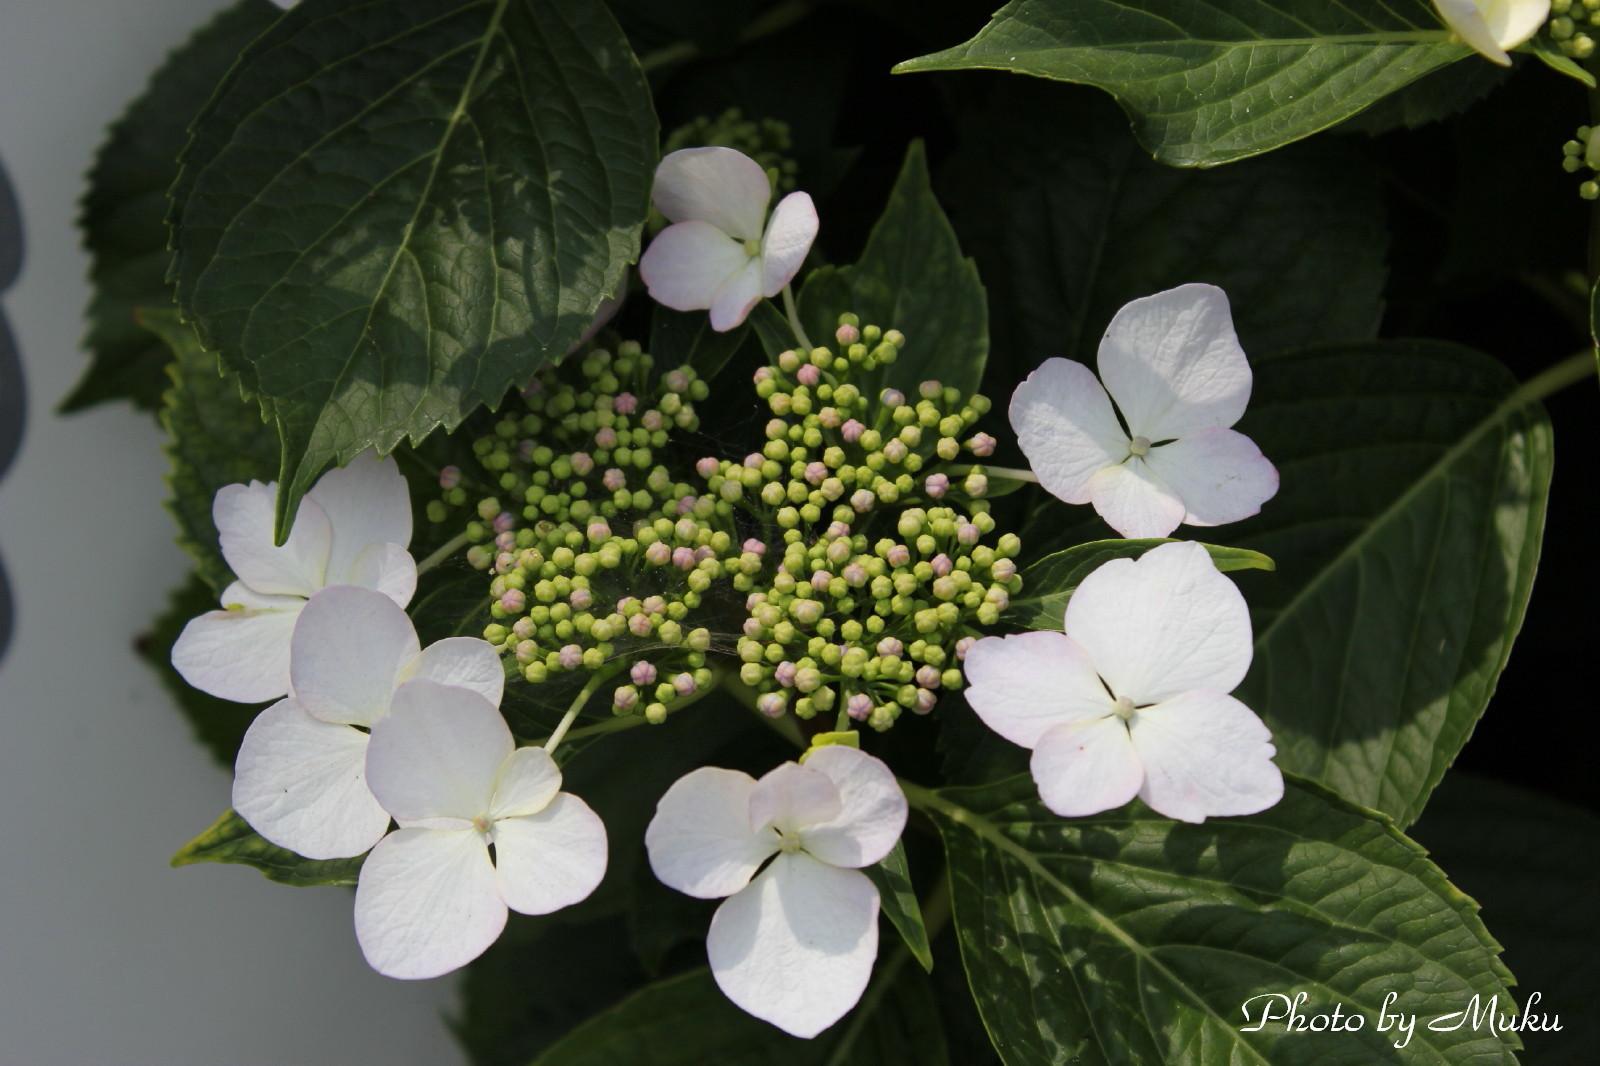 2014/06/03  額あじさい (観音崎:神奈川県横須賀市)